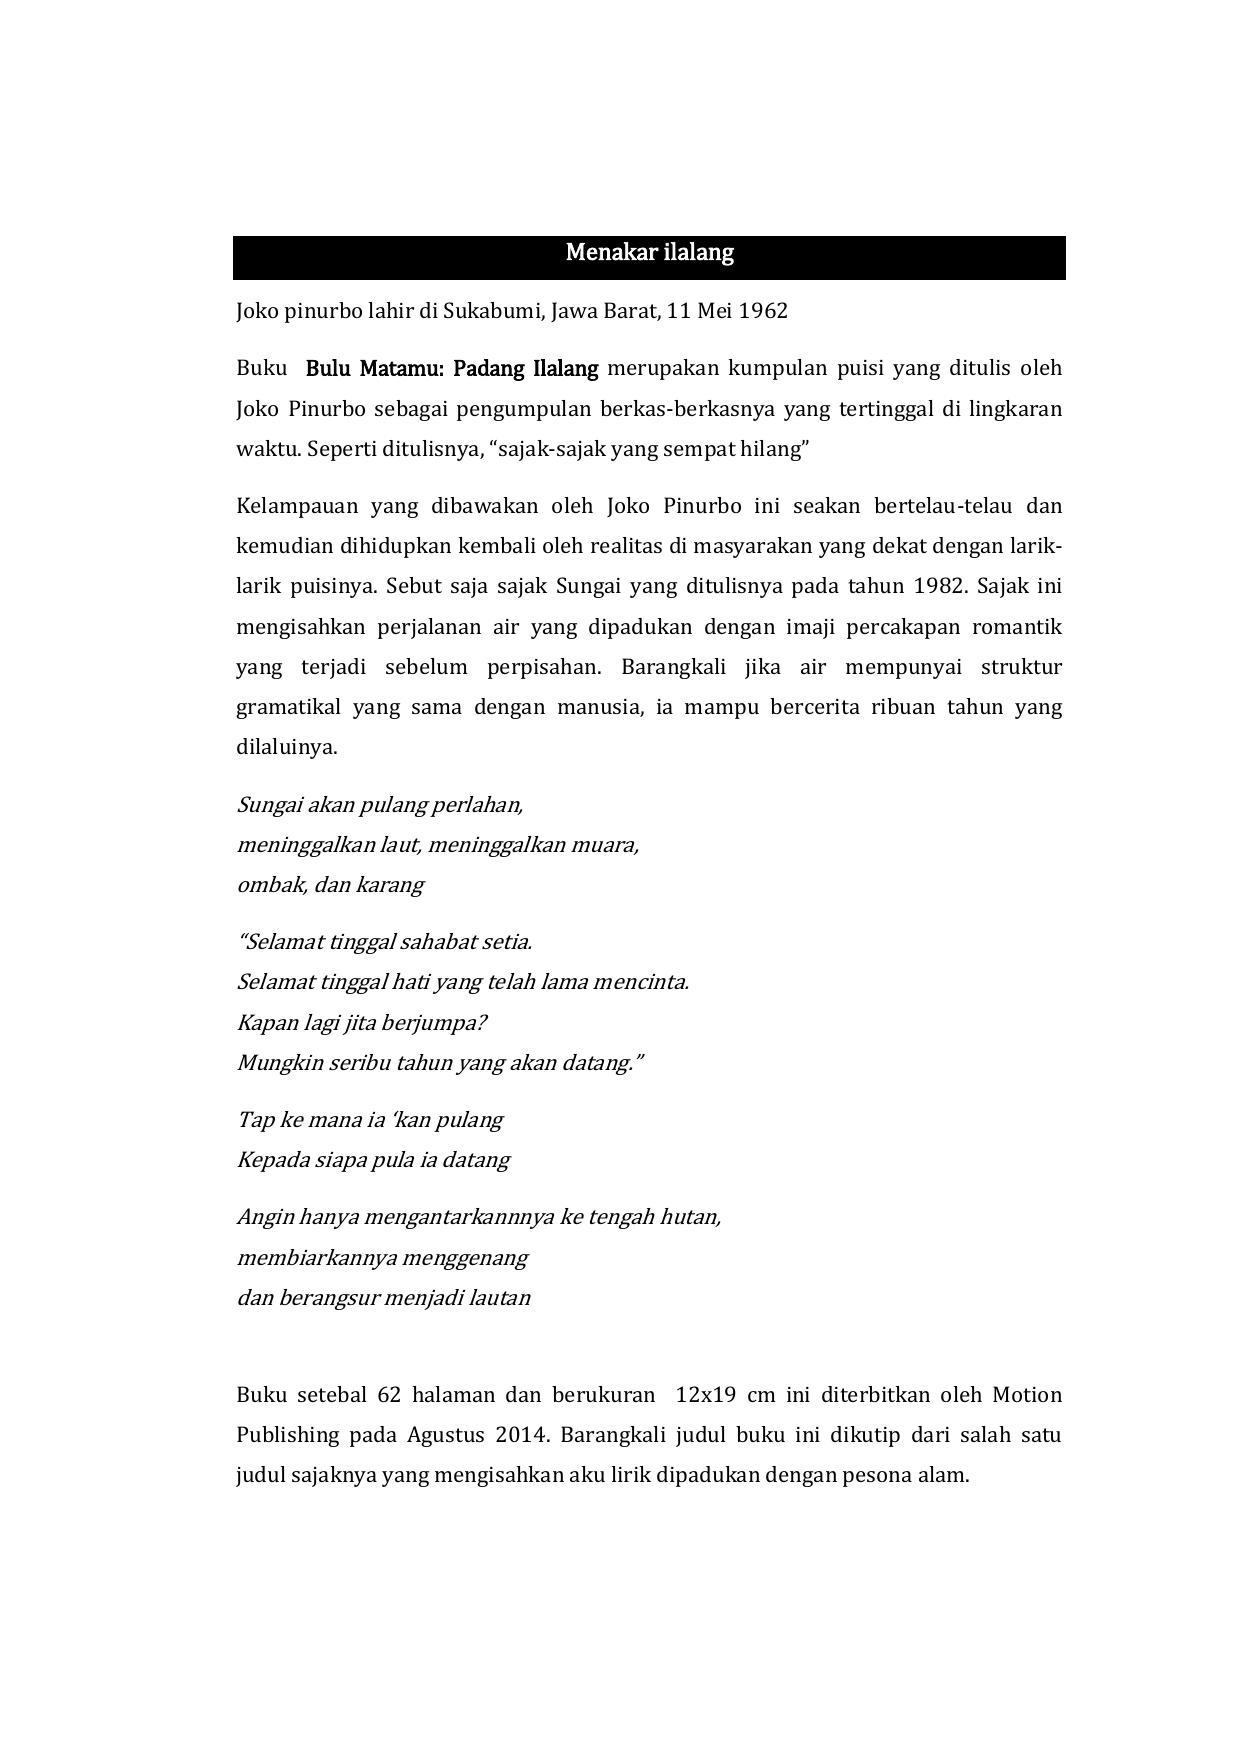 Estetika Dalam Kumpulan Puisi Bulu Matamu Padang